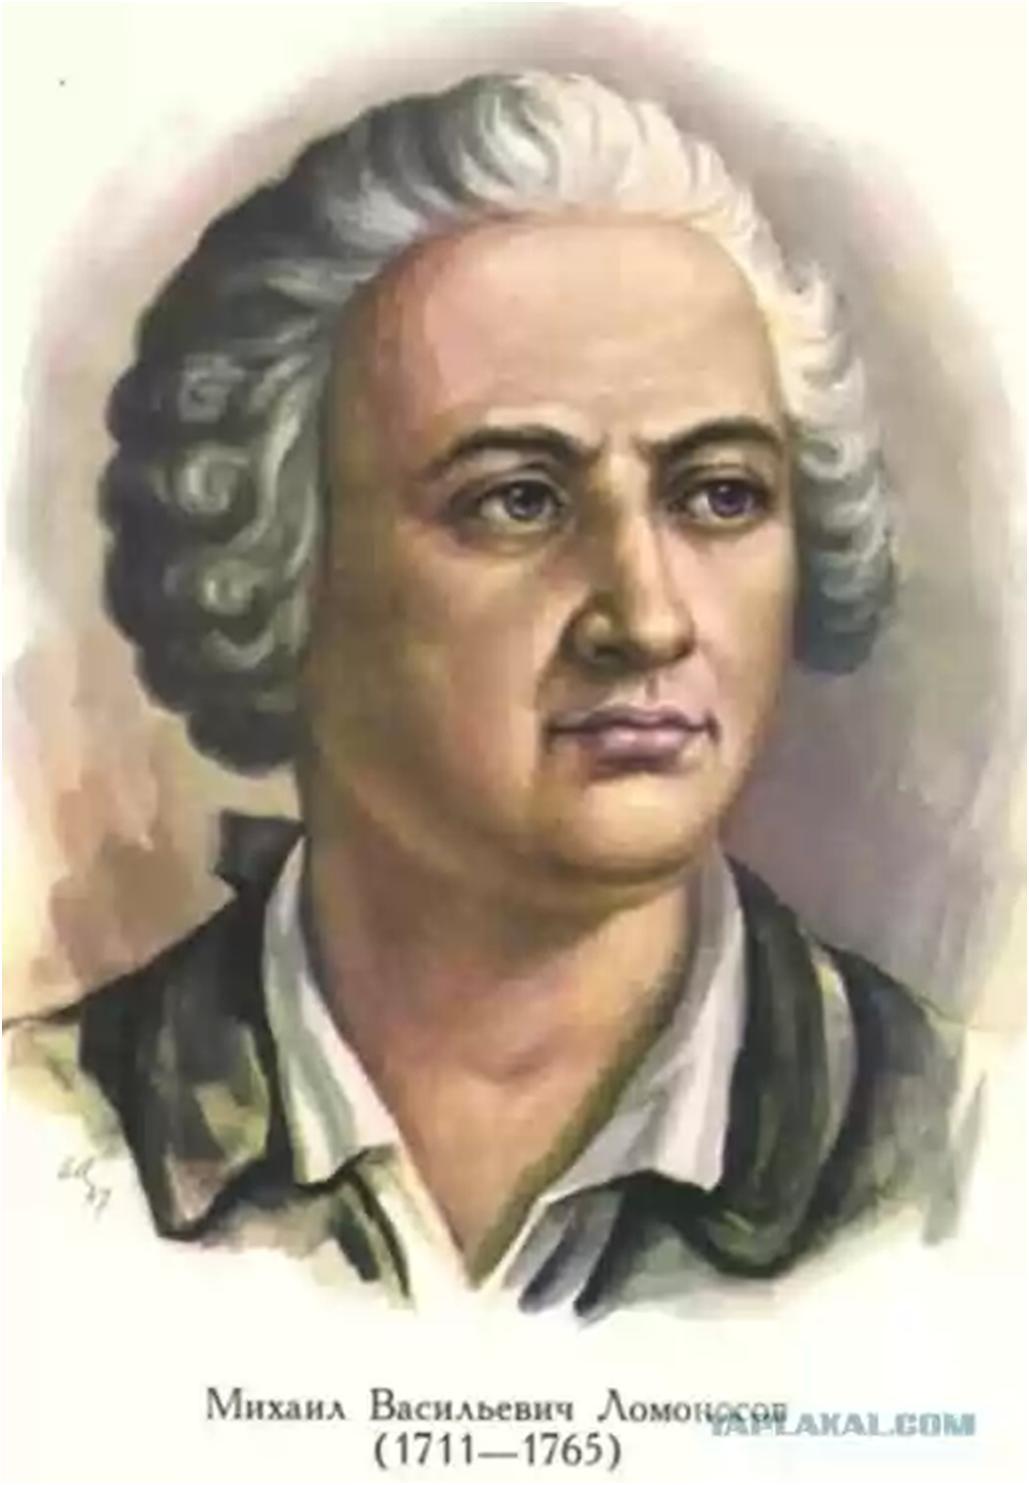 ЛОМОНОСОВ, Михаил Васильевич (1711-1765). Российский учёный, поэт. В